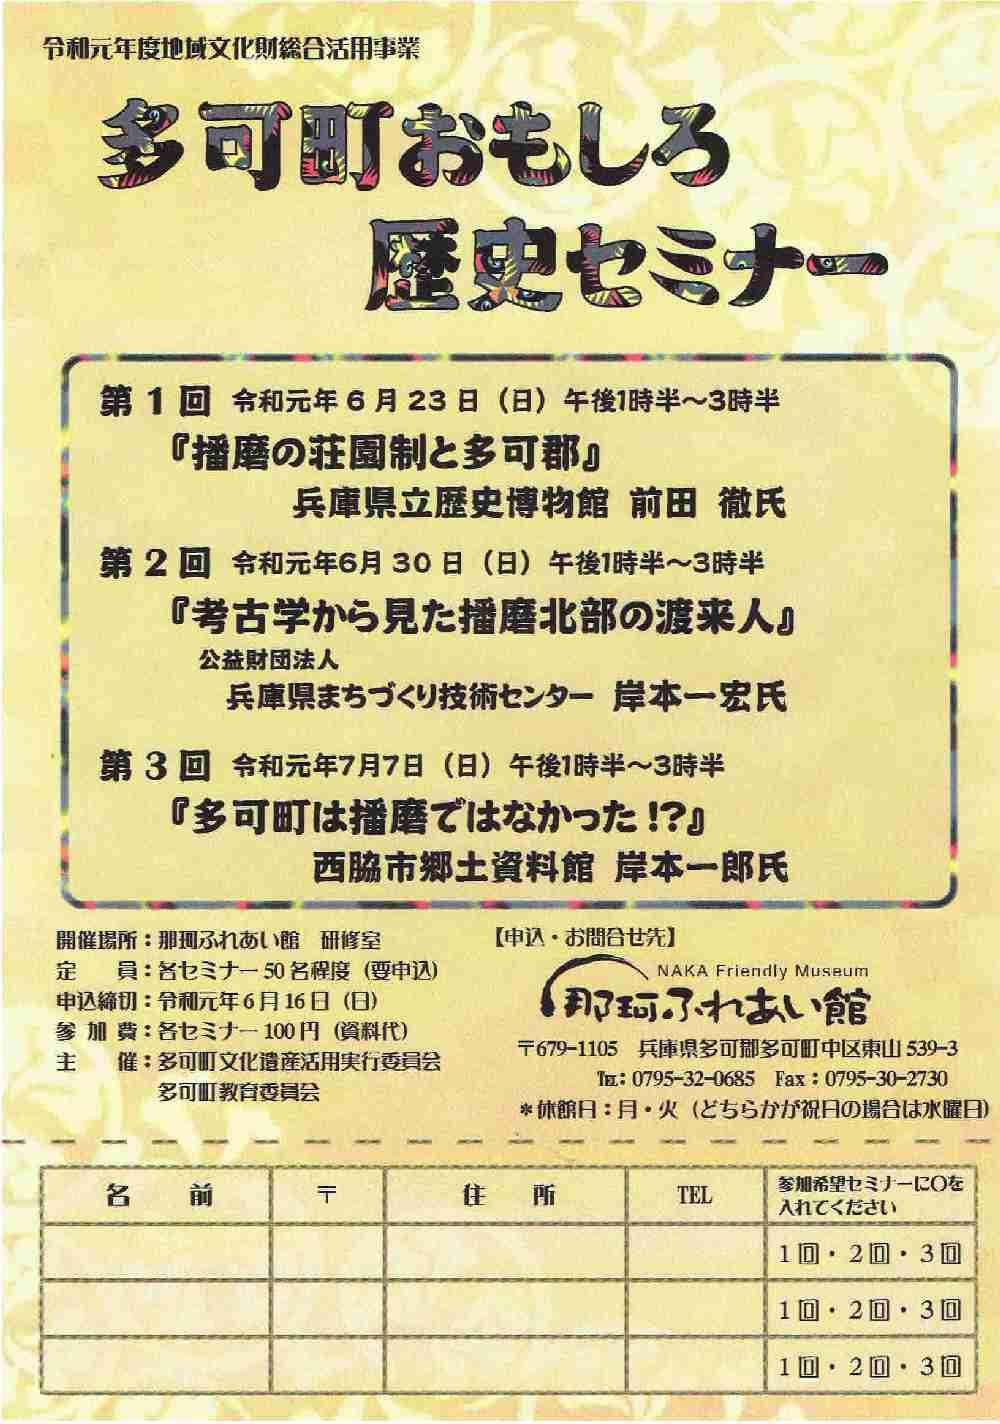 6/23・6/30・7/7 多可町おもしろ歴史セミナー:那珂ふれあい館